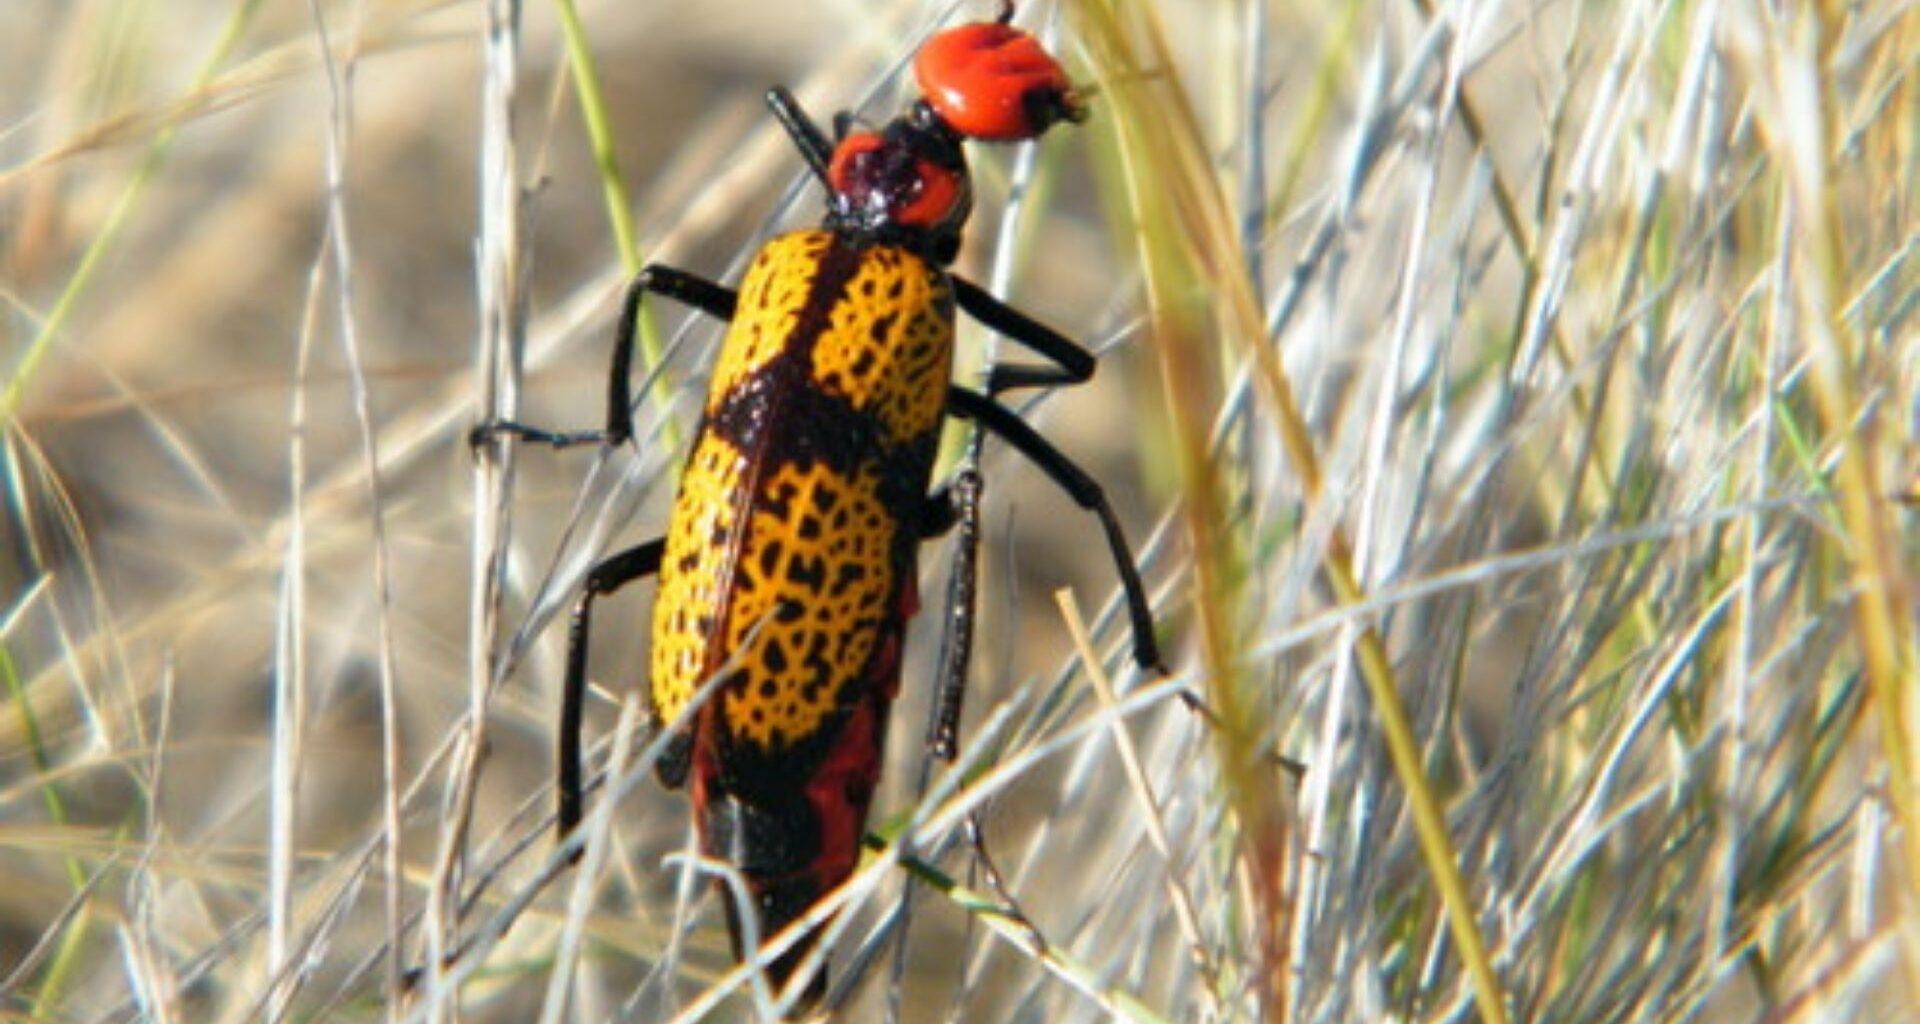 escarabajo de color amarillo, negro y rojo en la hierba seca